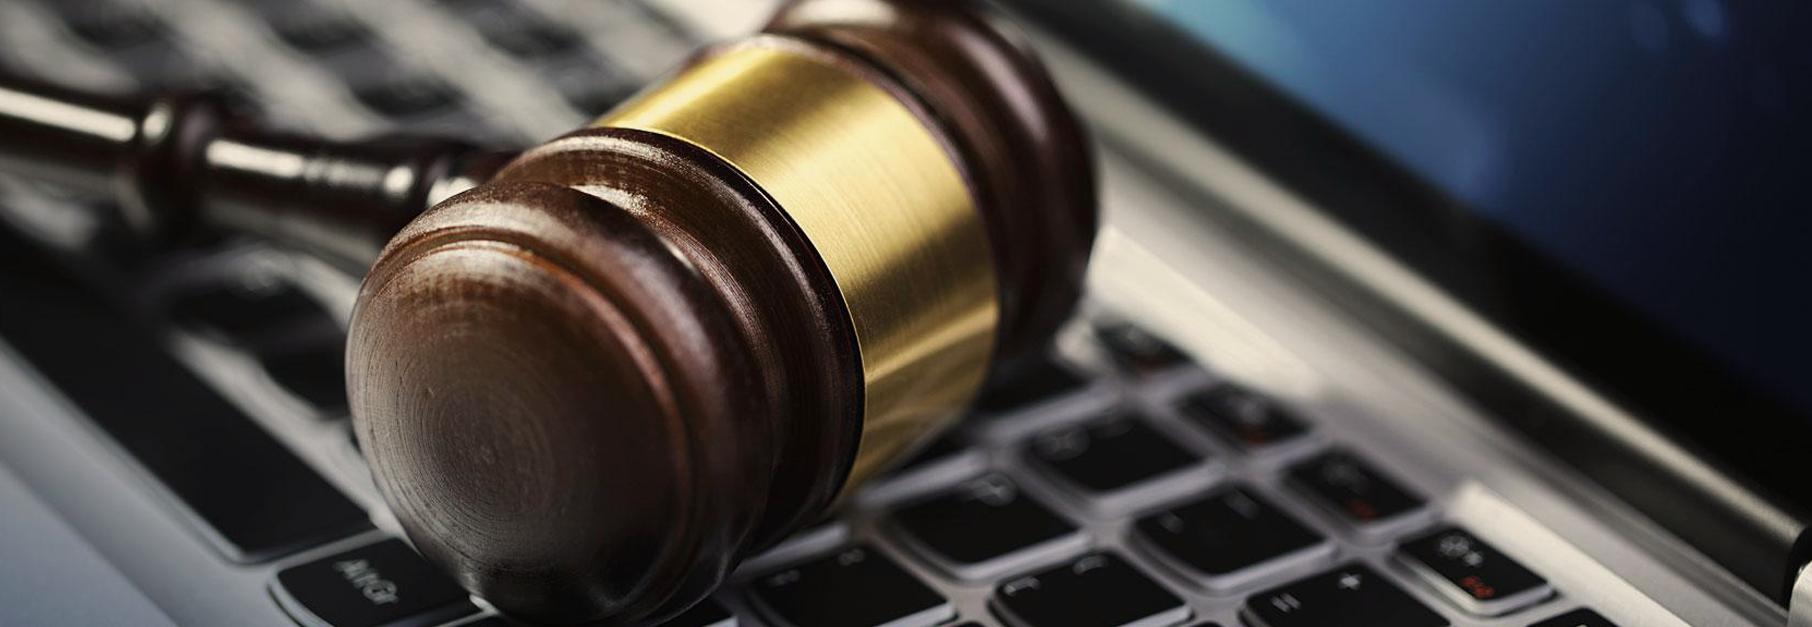 Derecho de Información Periódica a Organizaciones Sindicales